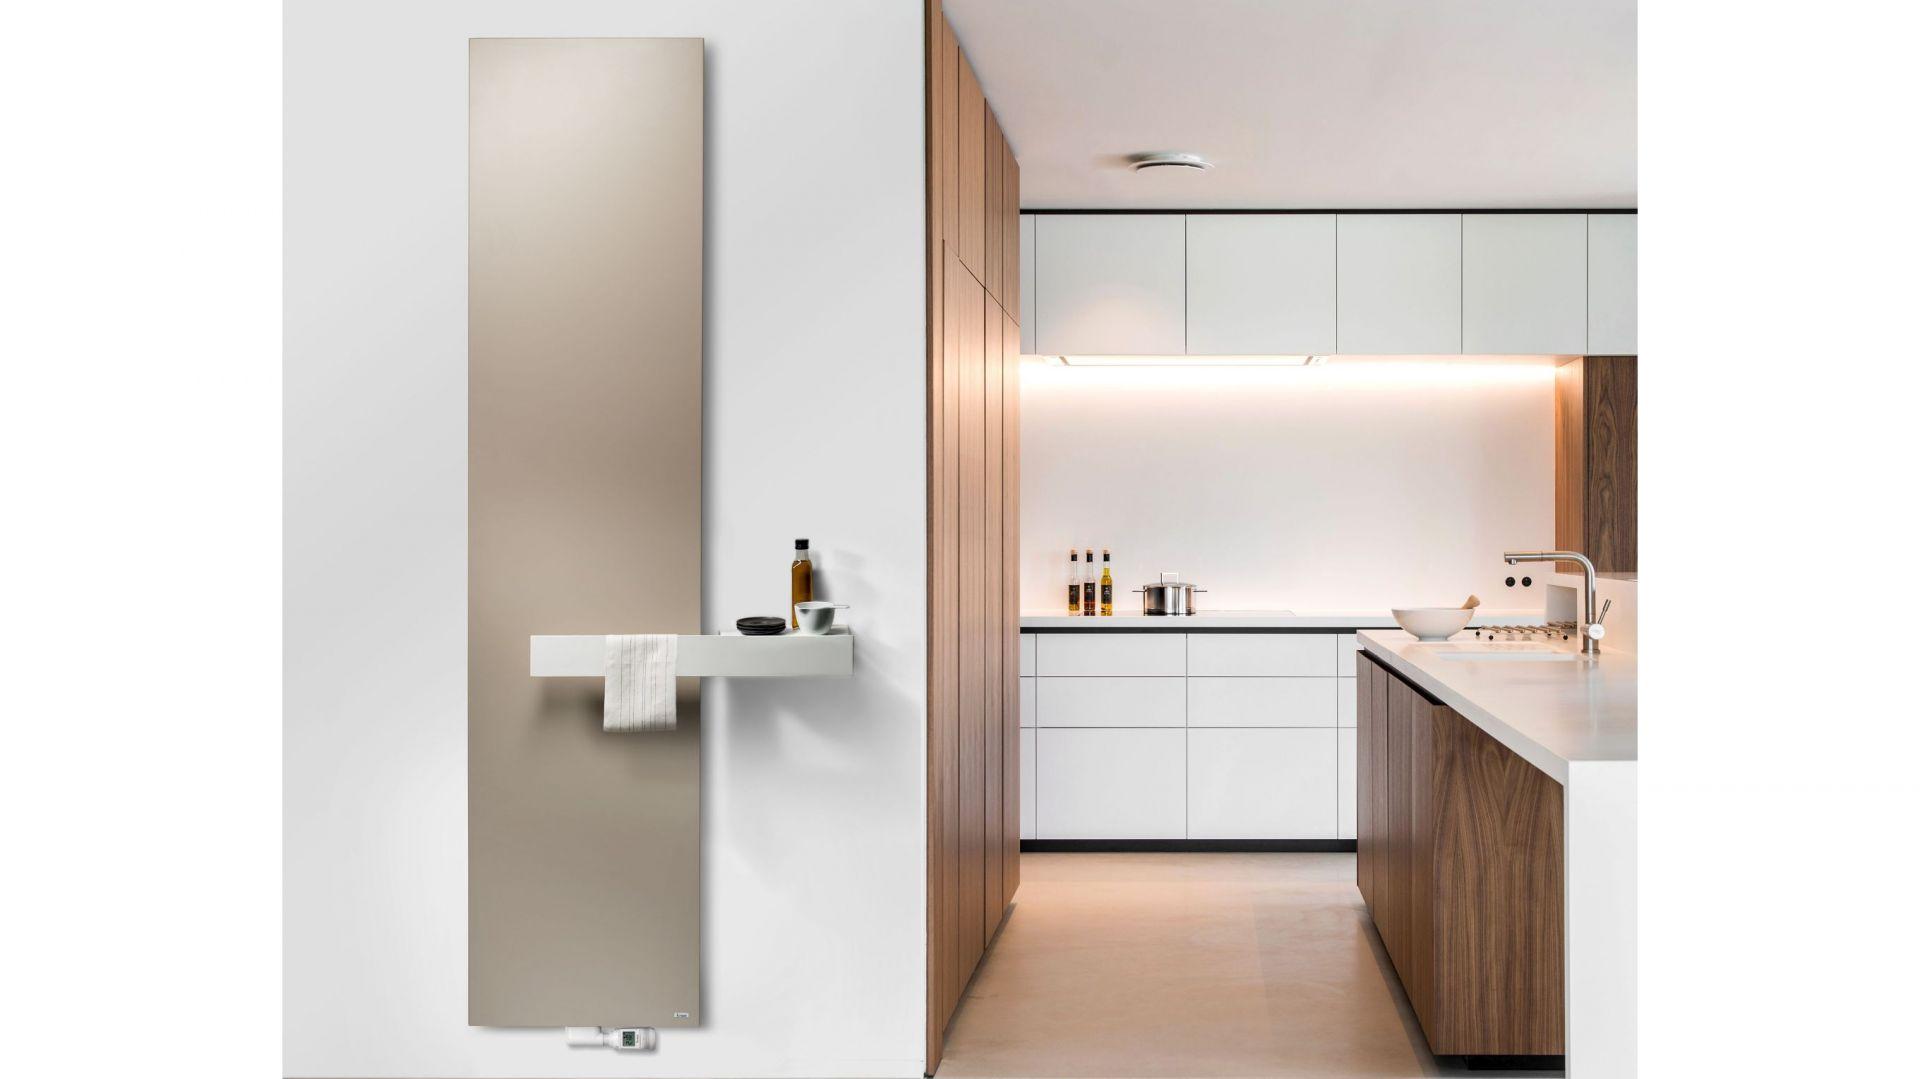 Vasco Climate Control to system, który przynosi pełną integrację kontroli ogrzewania i wentylacji domu. Działanie rekuperatora, ogrzewania podłogowego i grzejników zarządzane jest za pomocą aplikacji przez jeden system sterowany smartfonem. Fot. Vasco